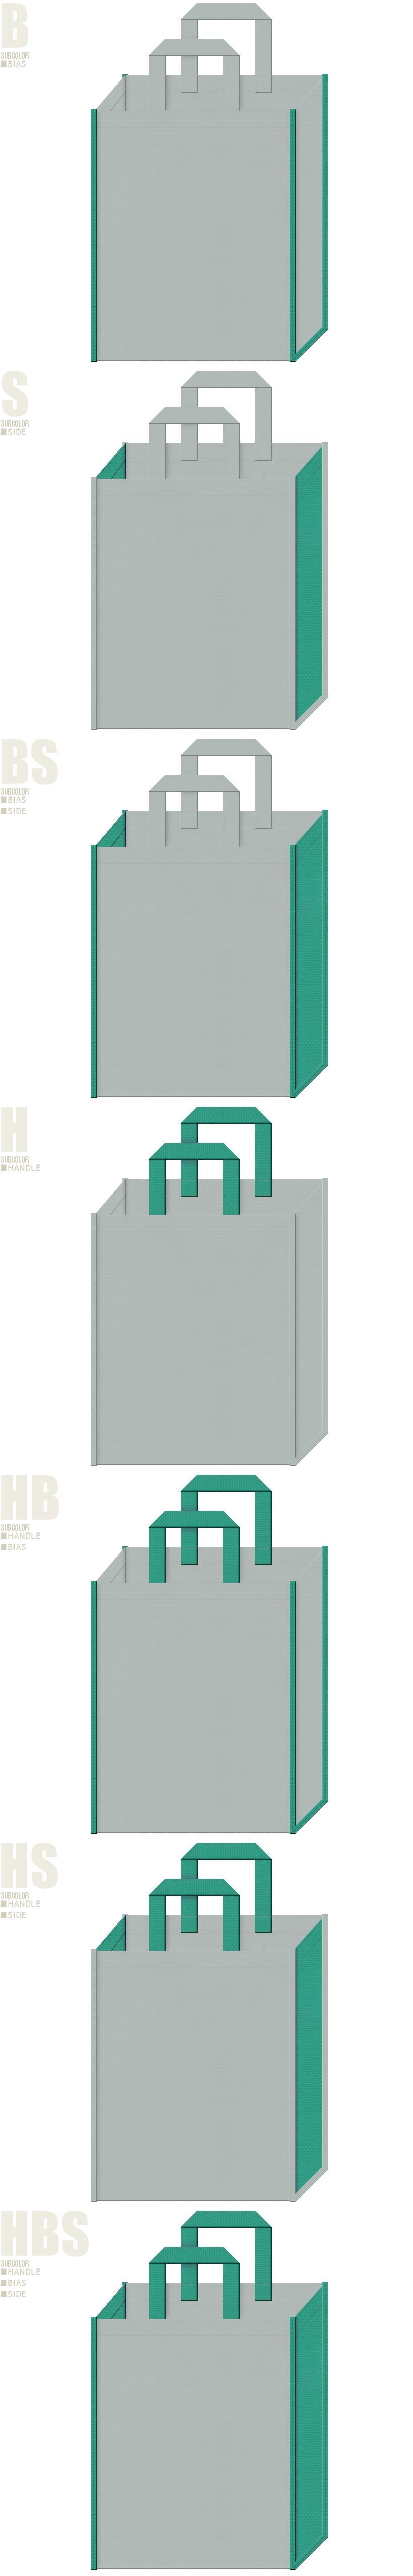 屋上緑化・壁面緑化用品の展示会用バッグにお奨めの、グレー色と青緑色-7パターンの不織布トートバッグ配色デザイン例。